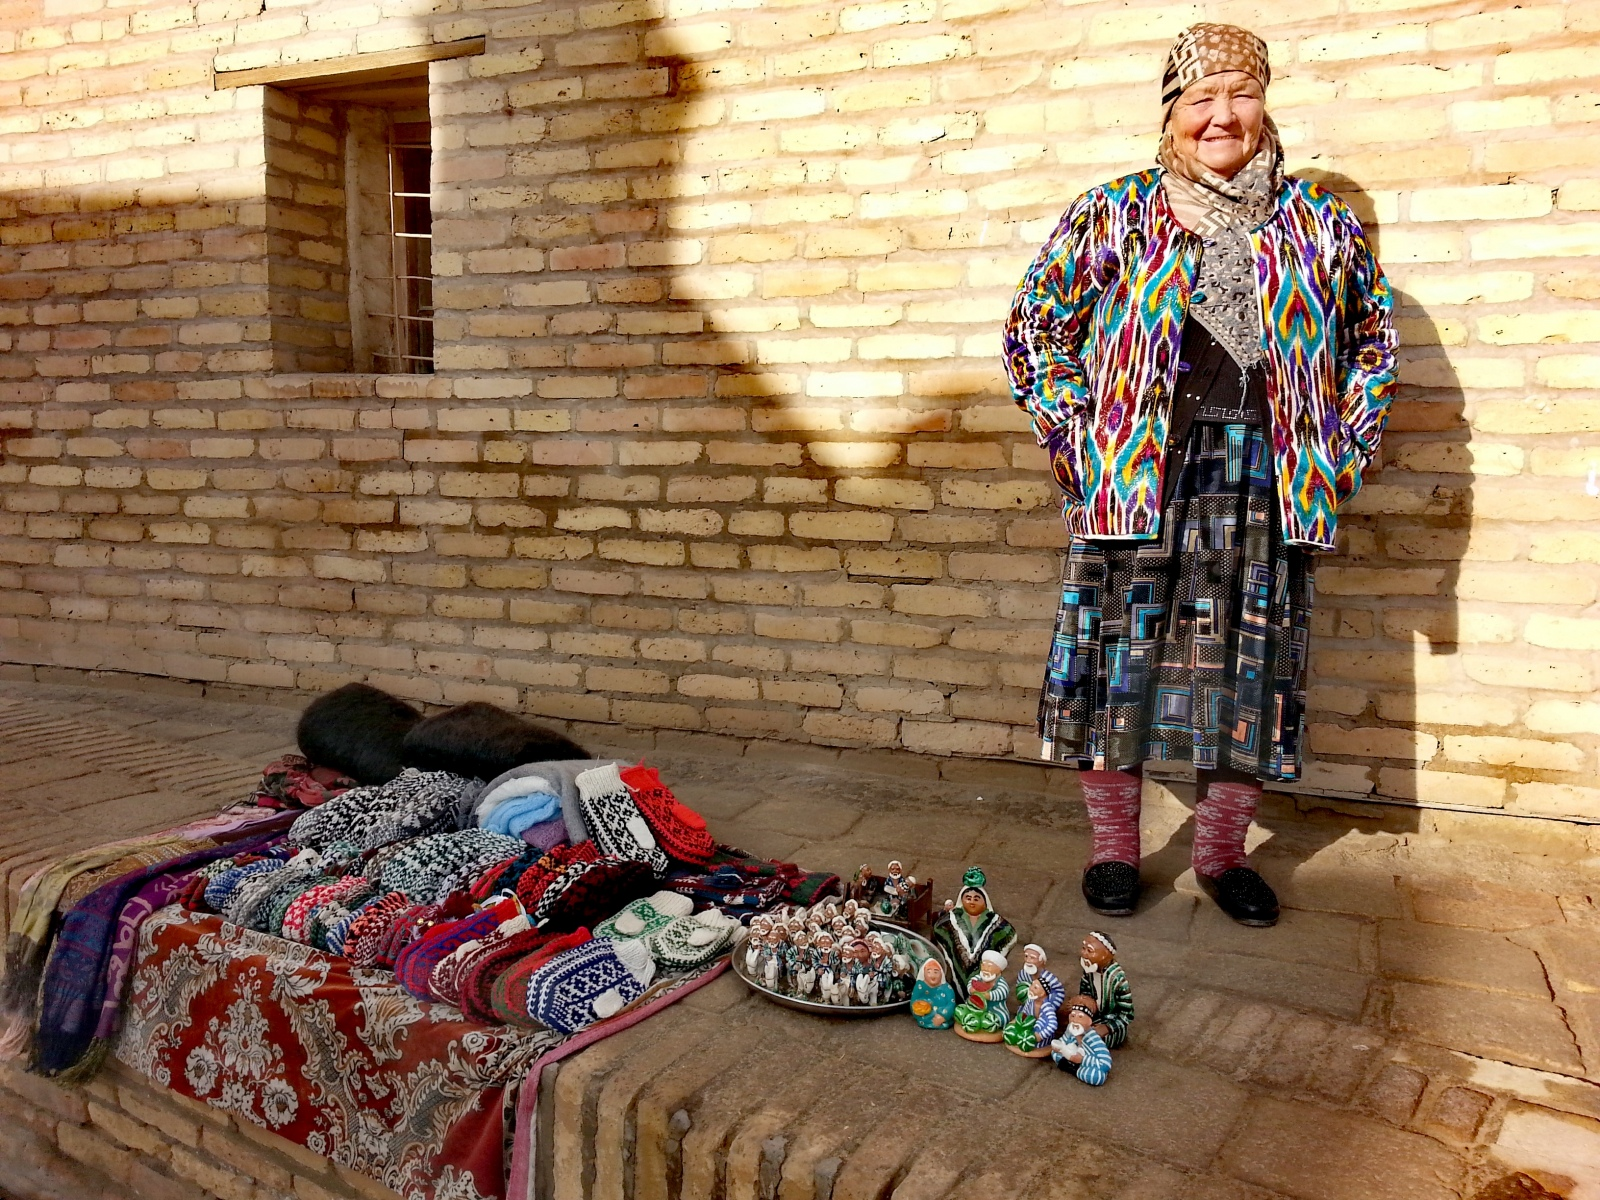 FOTO-NR.-22-straordinario-lartigianato-uzbeko-tra-lana-e-seta